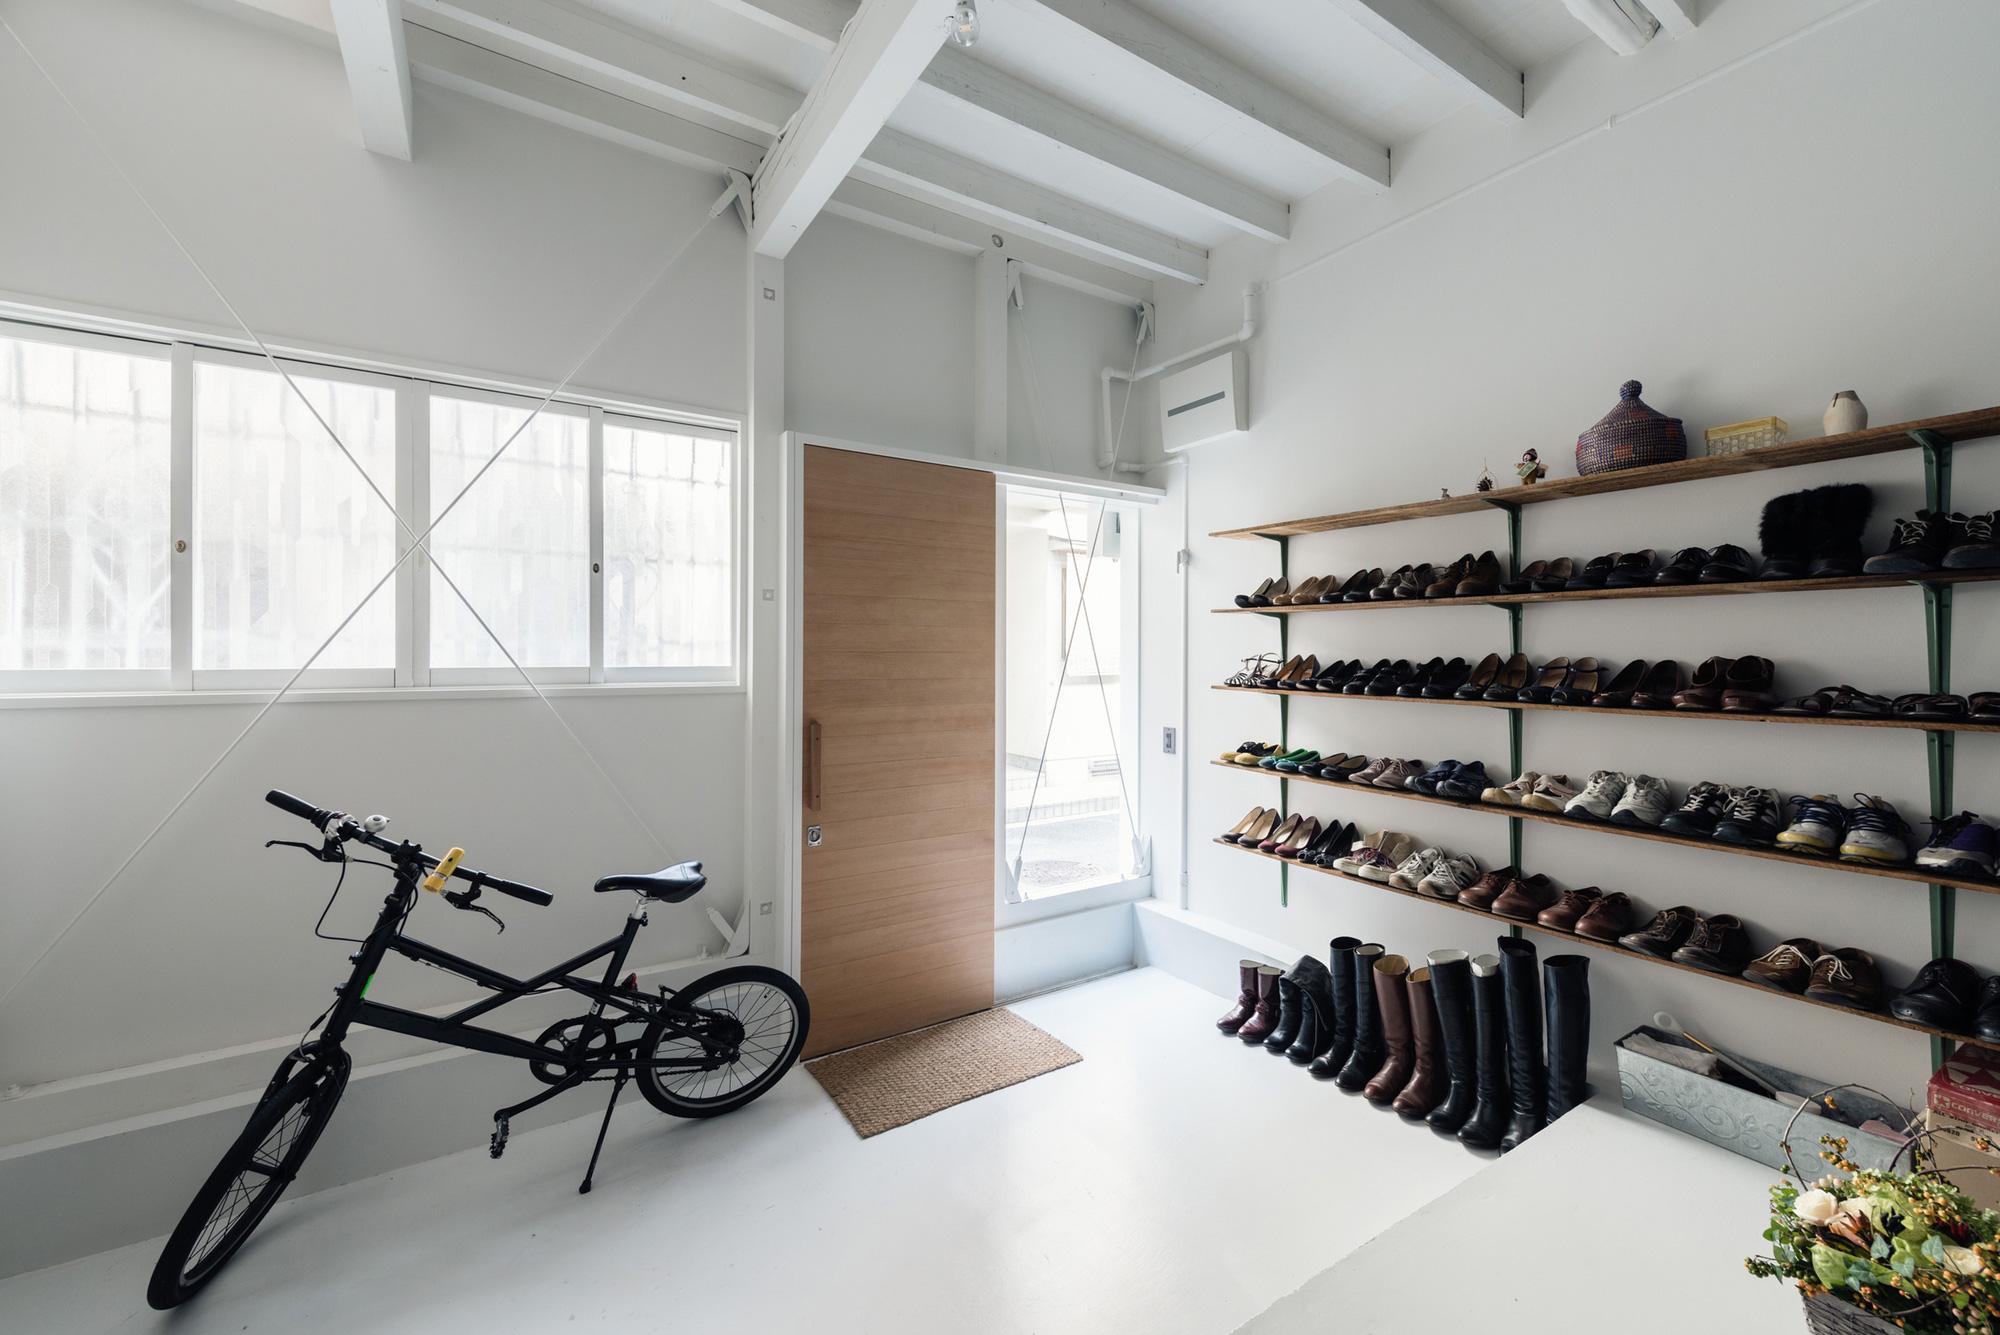 Re-Toyosaki / Coil Kazuteru Matumura Architects (20)